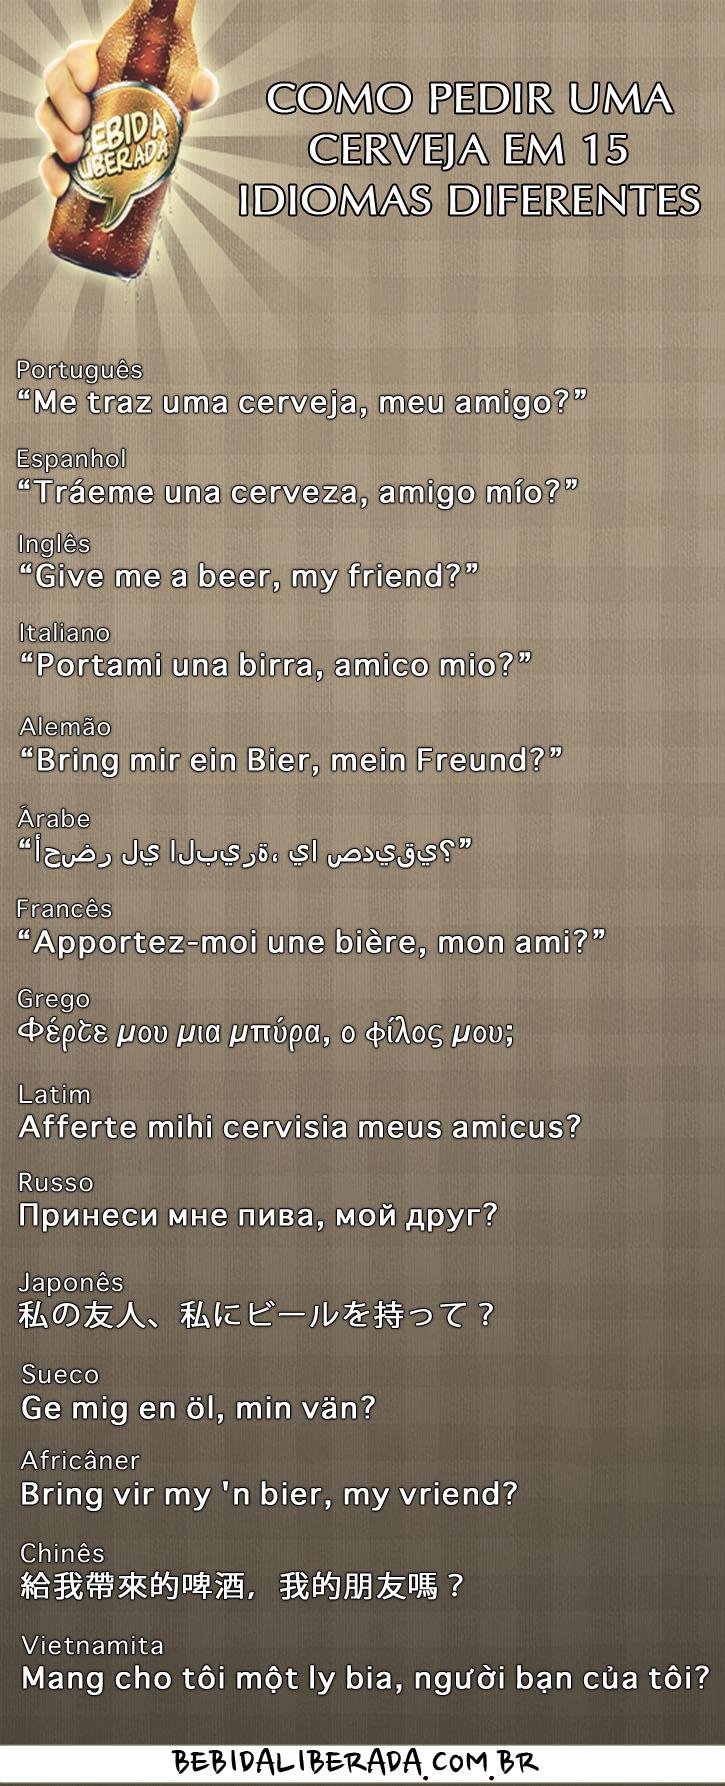 Como pedir cerveja em 15 idiomas diferentes!